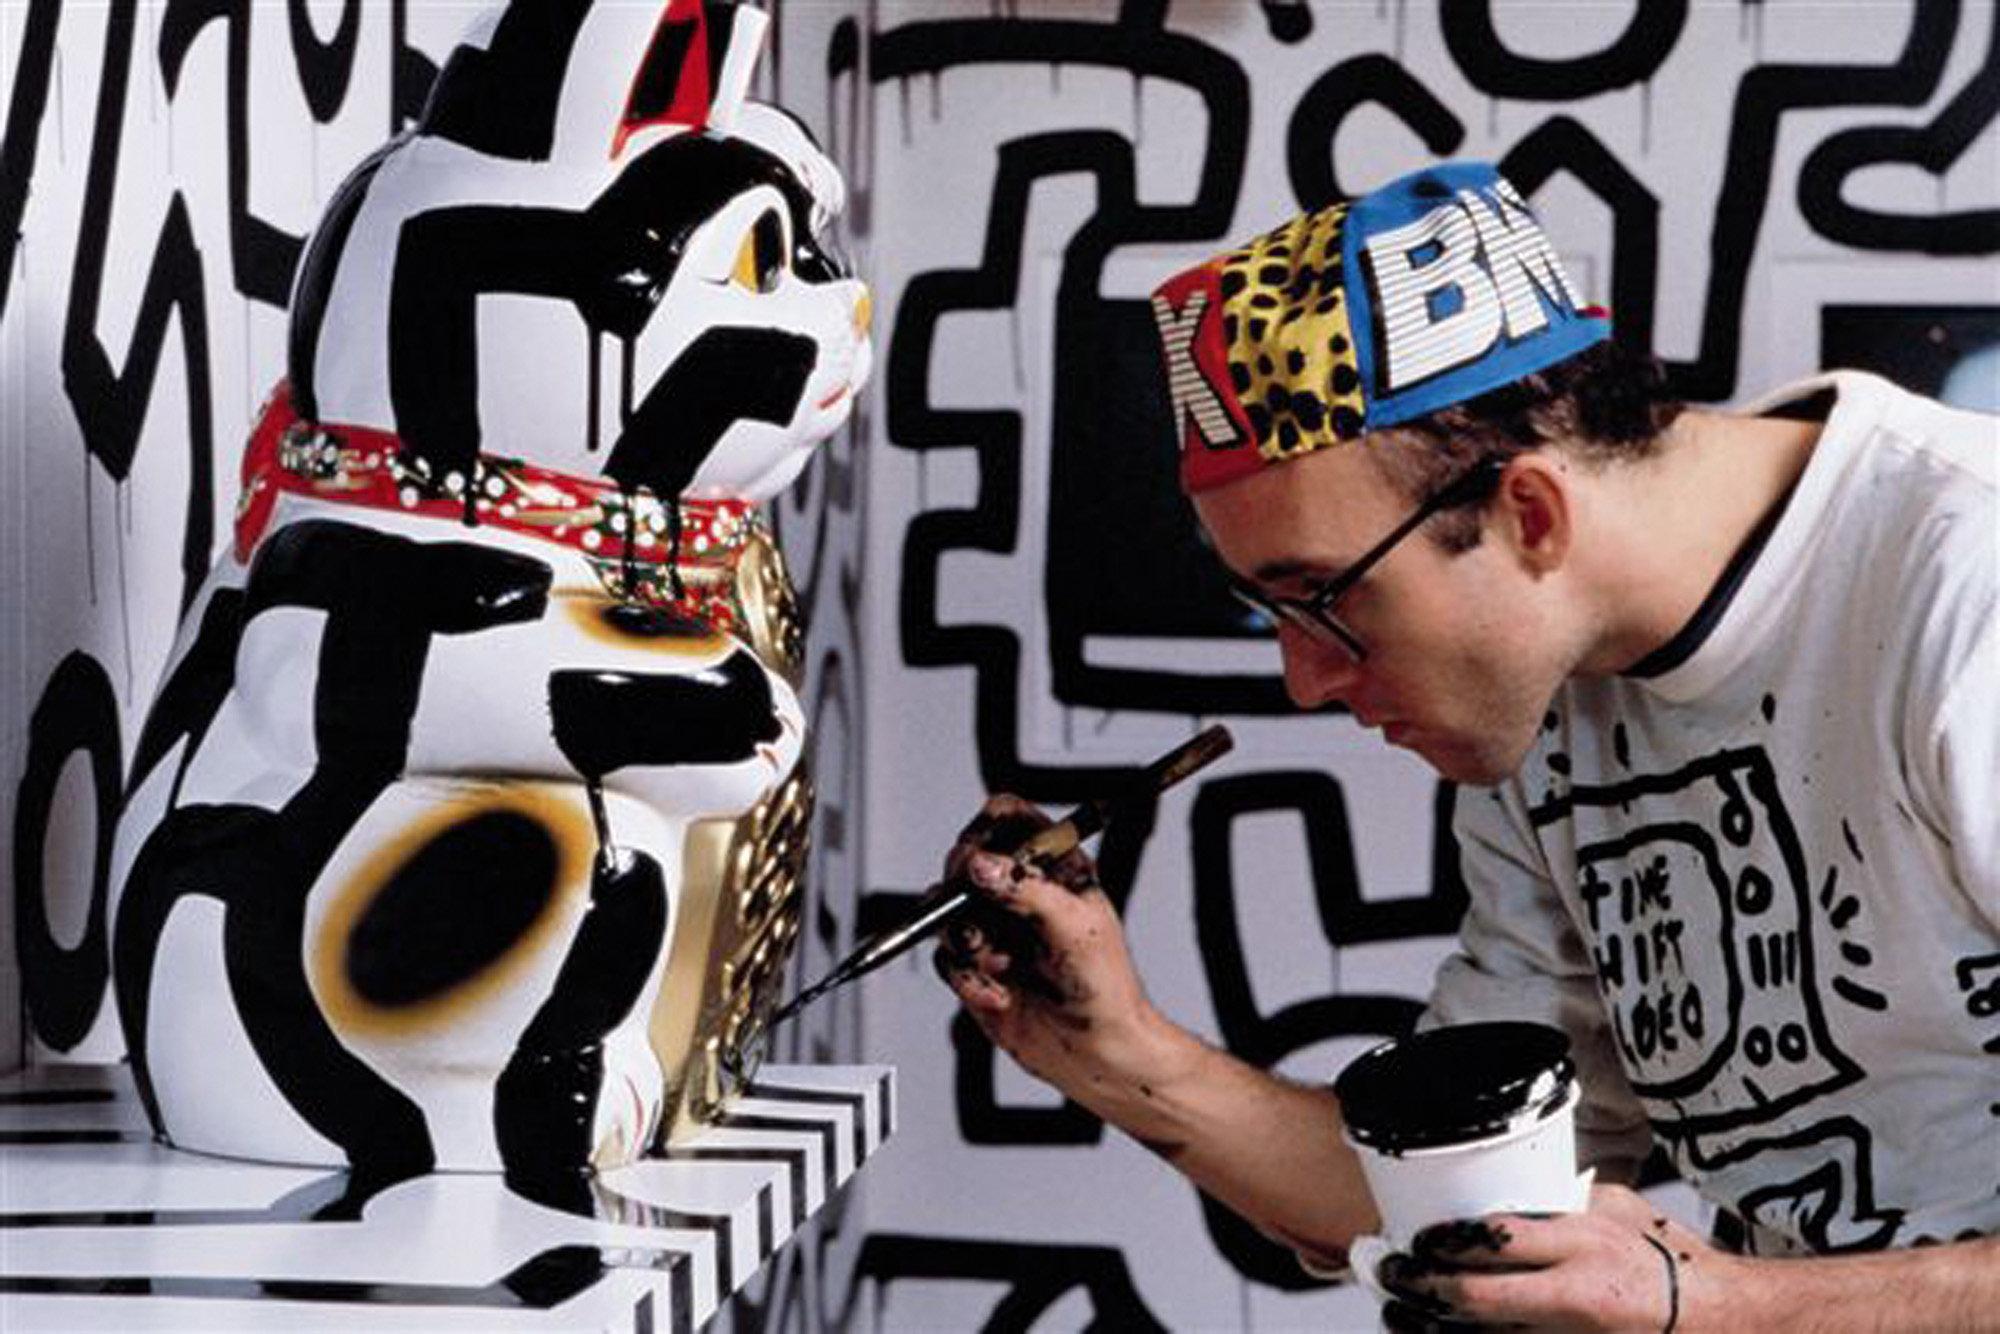 Keith Haring & Tseng Kwong Chi, Pop Shop Tokyo, 2005